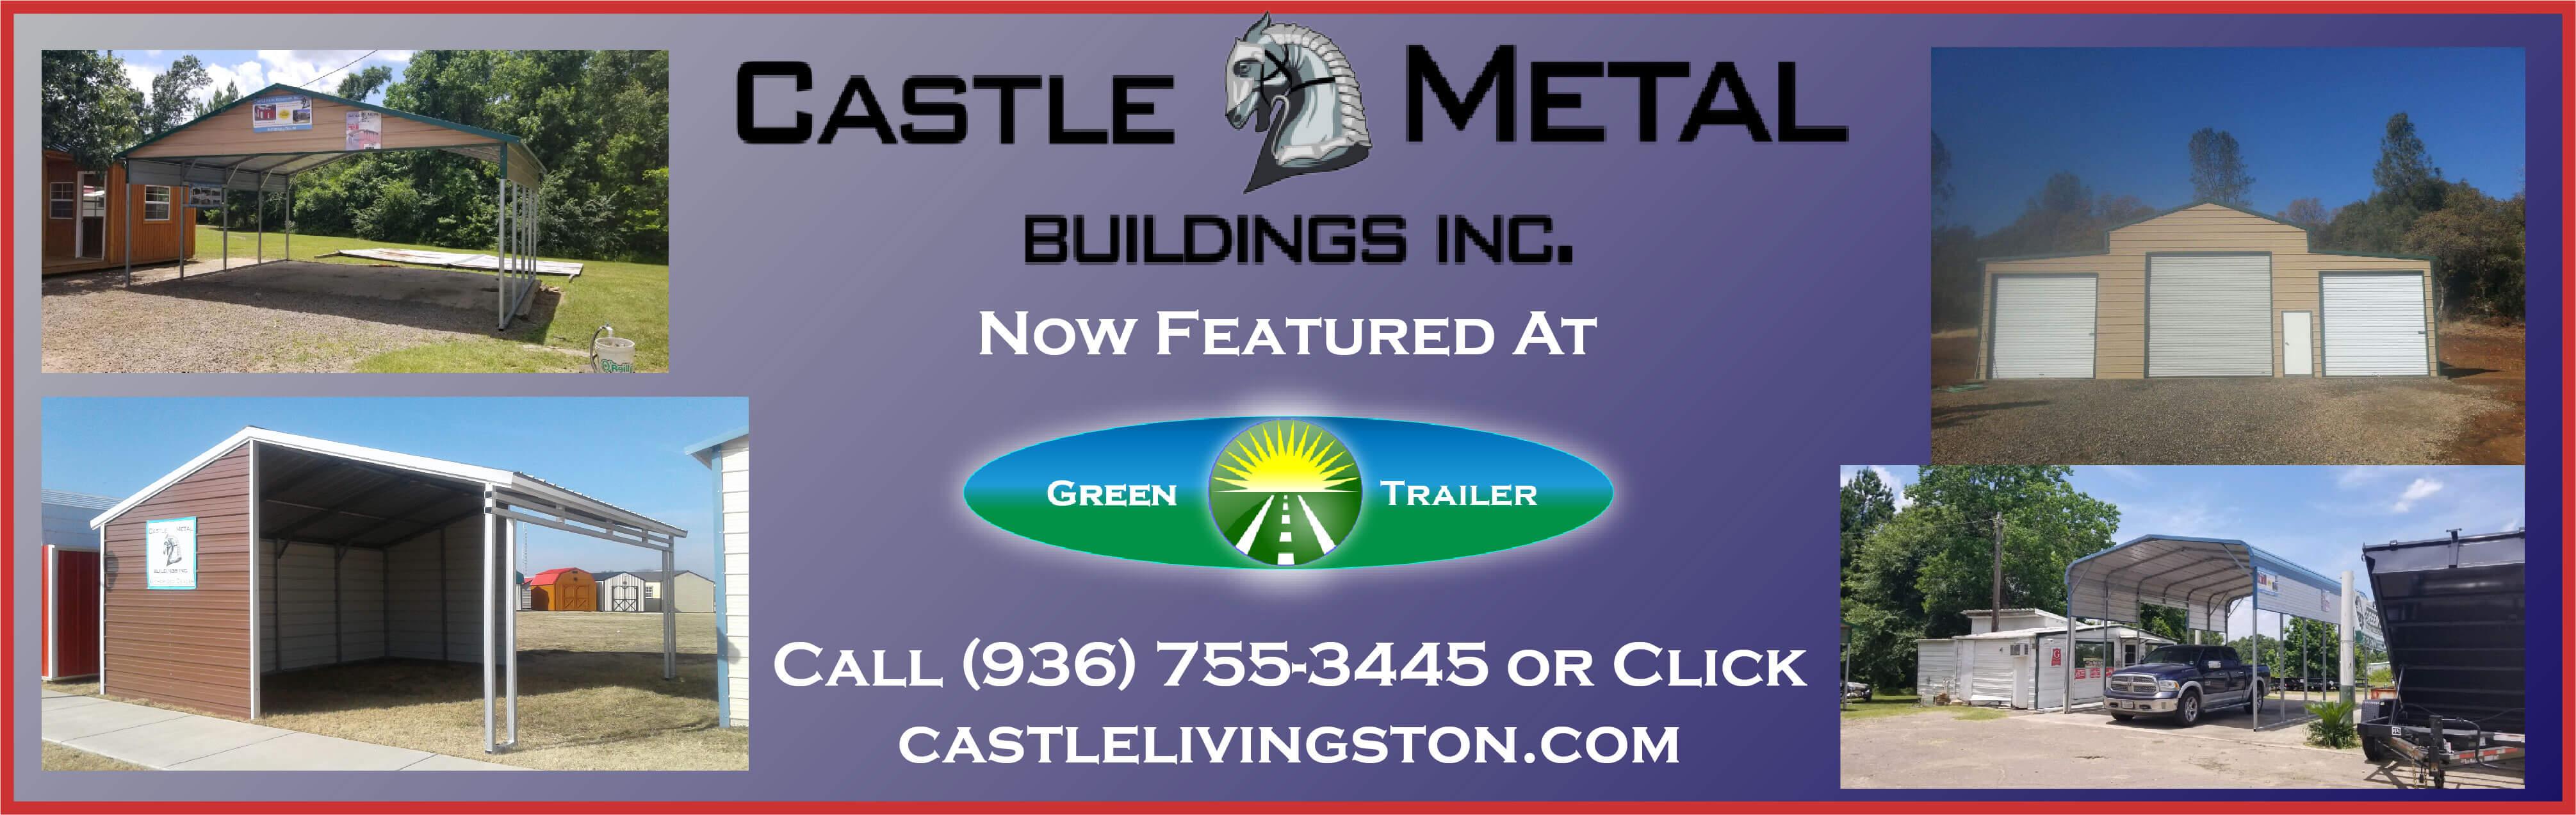 CastleMetalBuildings